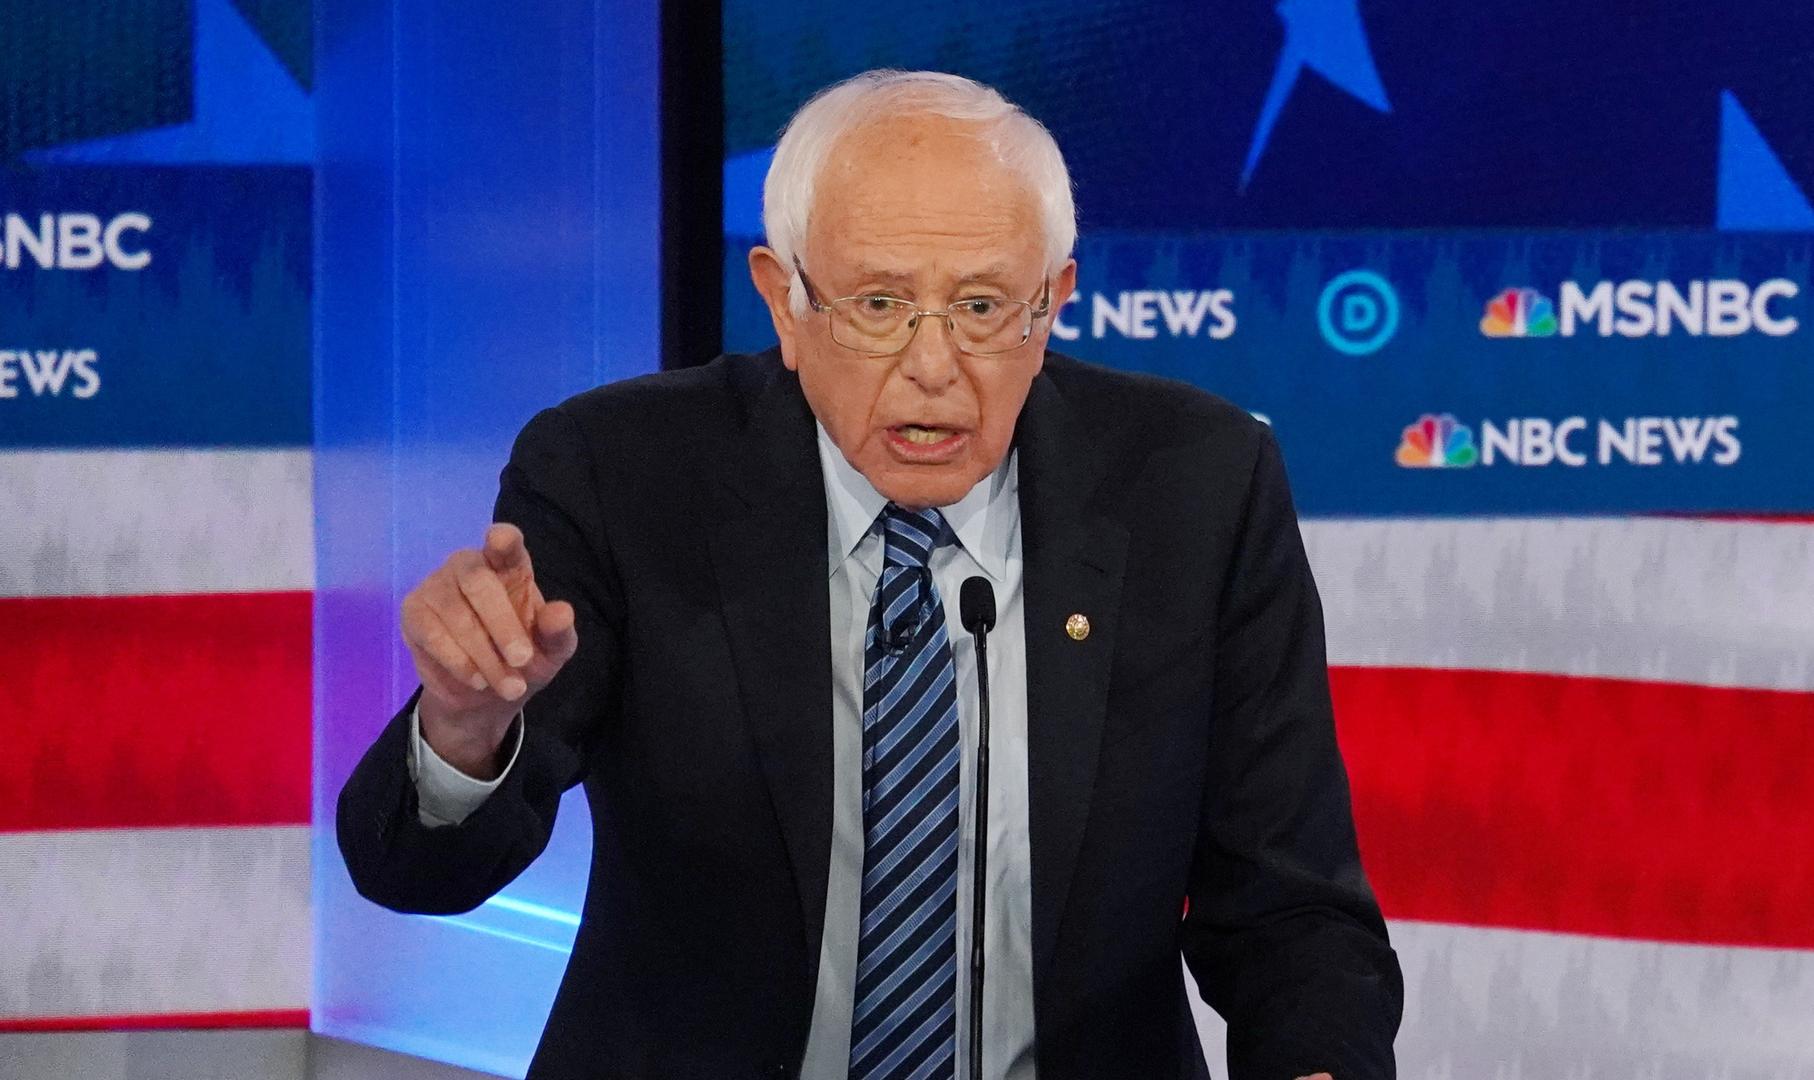 ساندرز تنبأ بدقة متناهية بتطورات الانتخابات الأمريكية قبل أسبوعين منها!